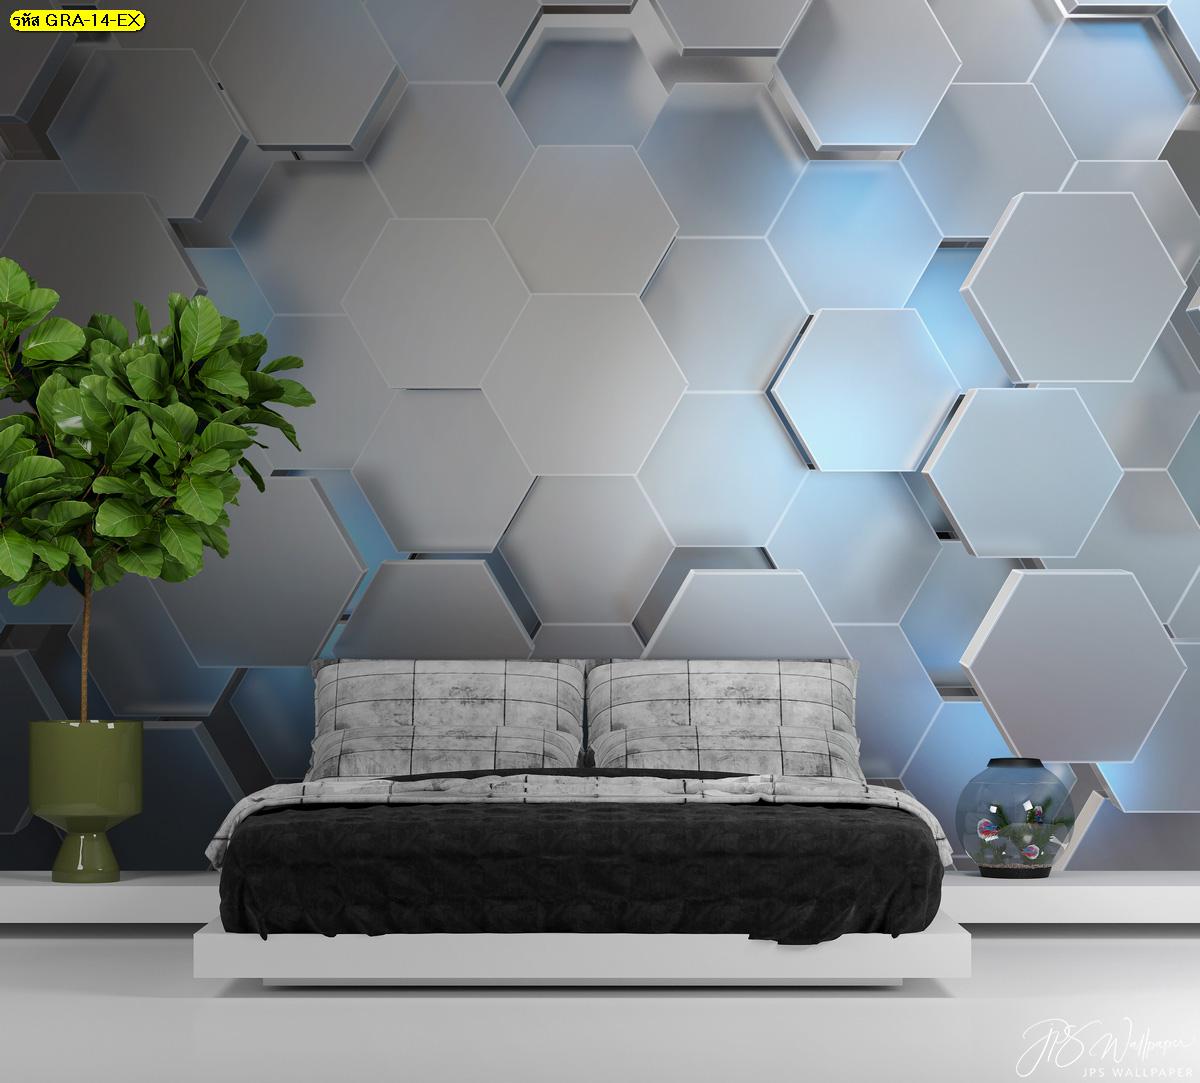 ภาพติดผนังลายกราฟิก แต่งผนังสวยสามมิติ วอลเปเปอร์ลายรังผึ้งสีเทาสามมิติในห้องนอน